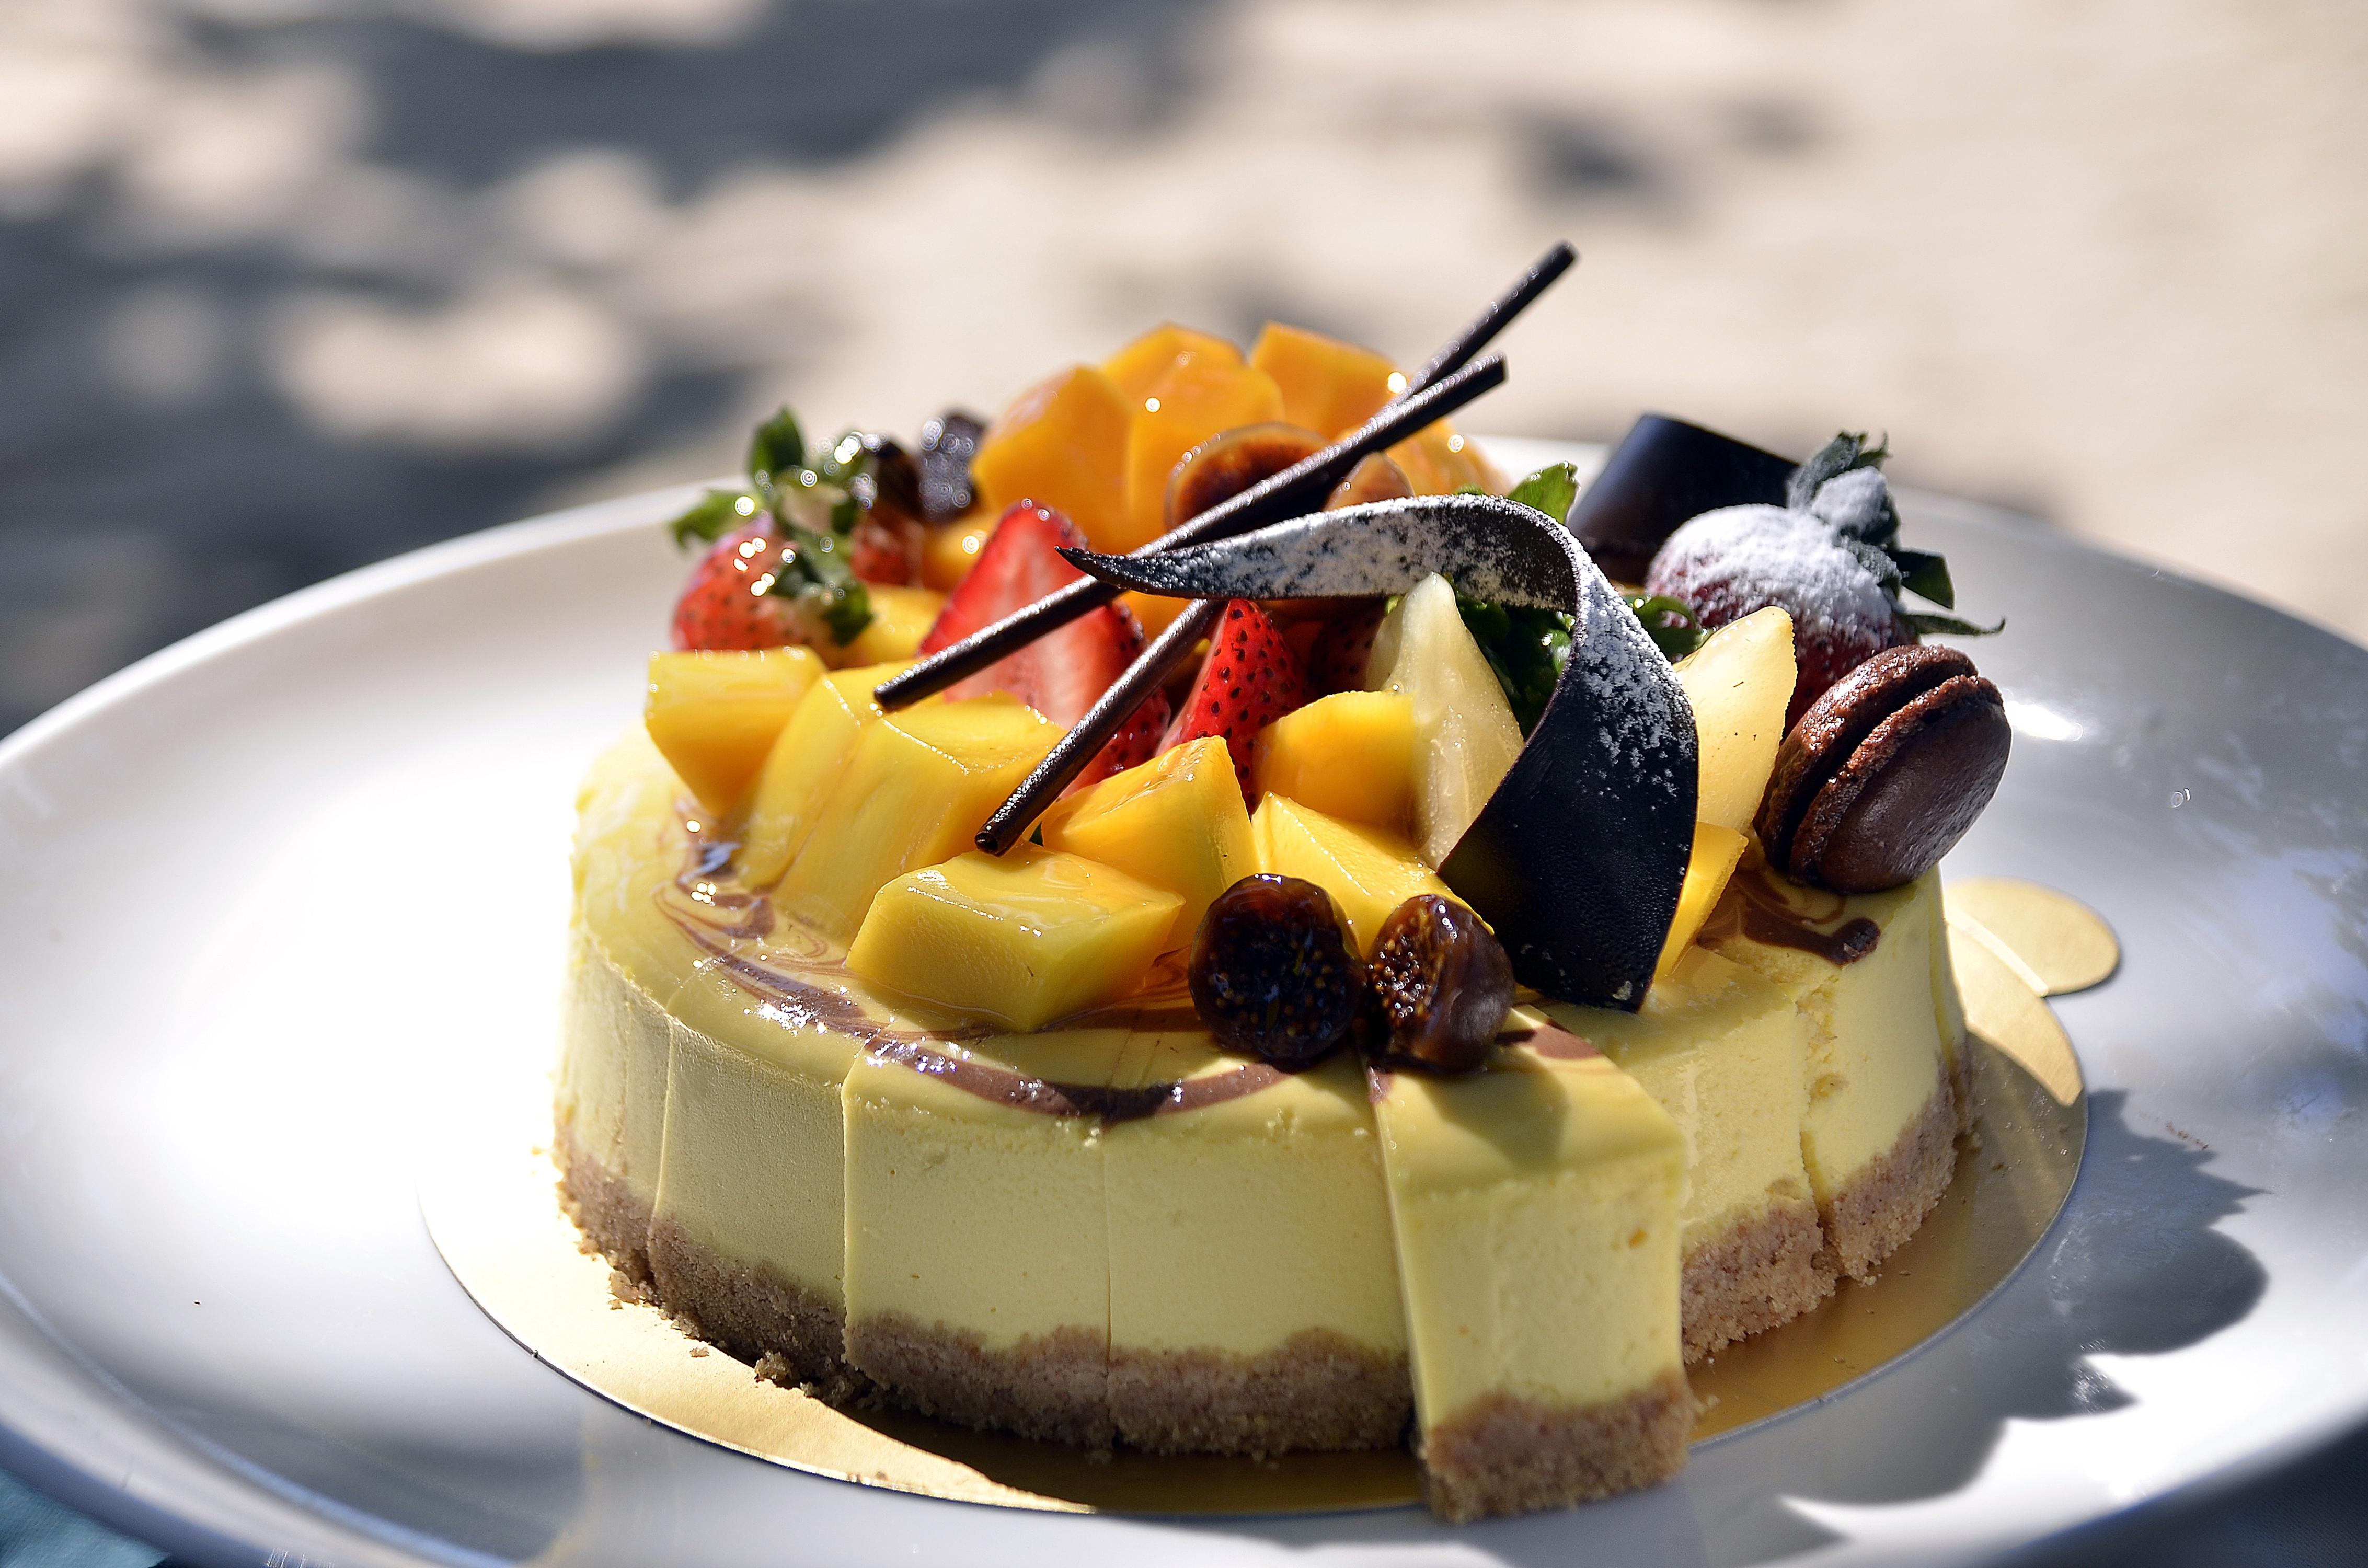 Картинка Шоколад Торты Фрукты Продукты питания Сладости Еда Пища сладкая еда